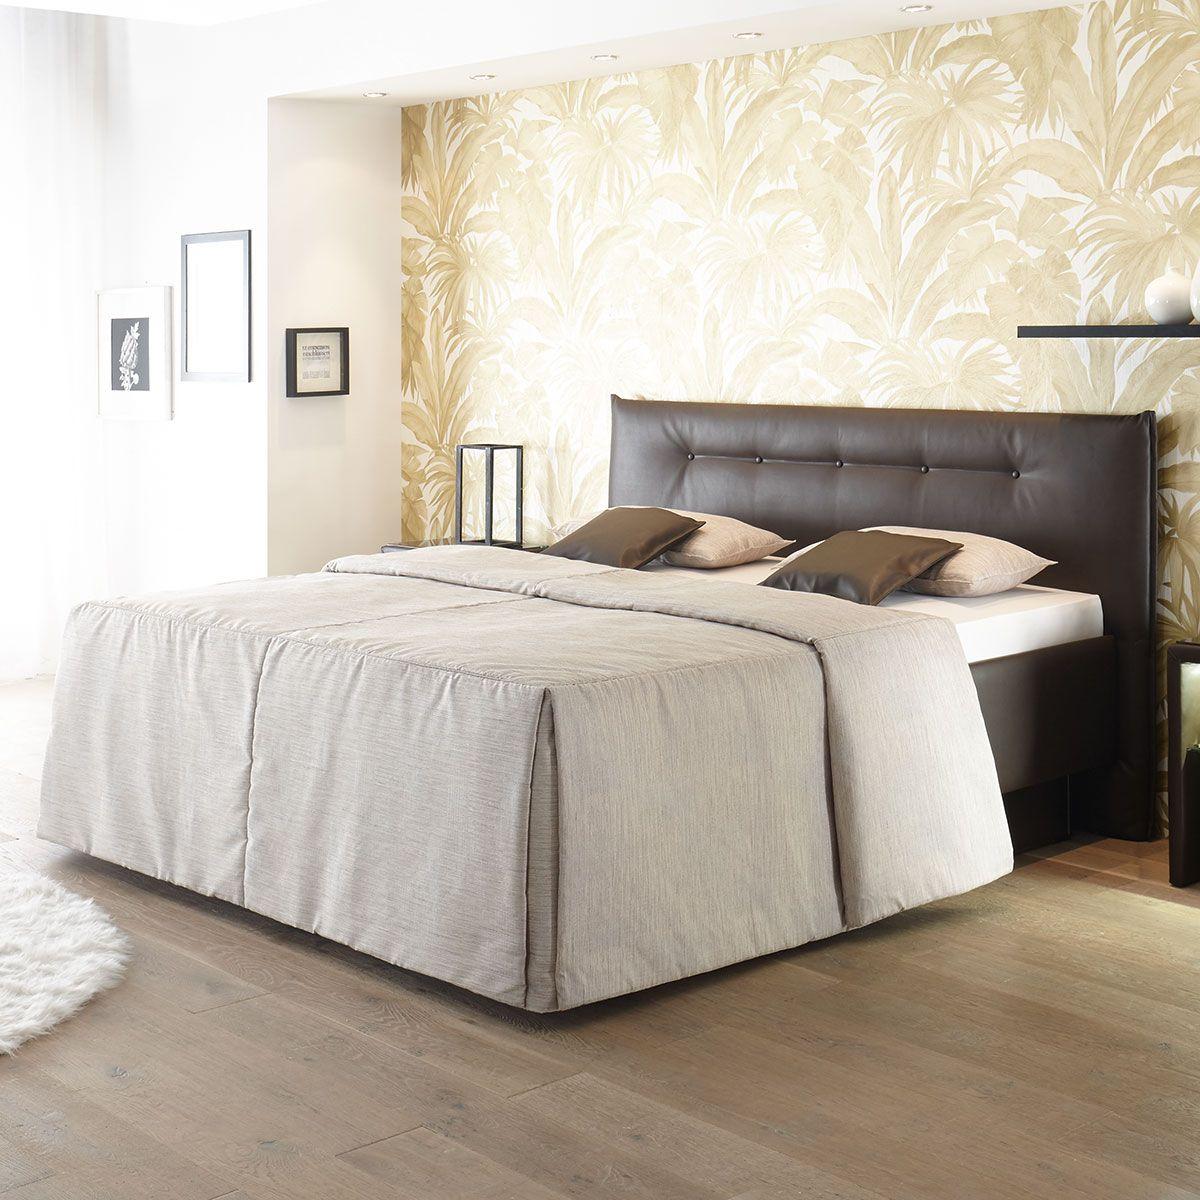 Stauraum Gefallig Schlafzimmer Bett Einrichtung Wohnidee